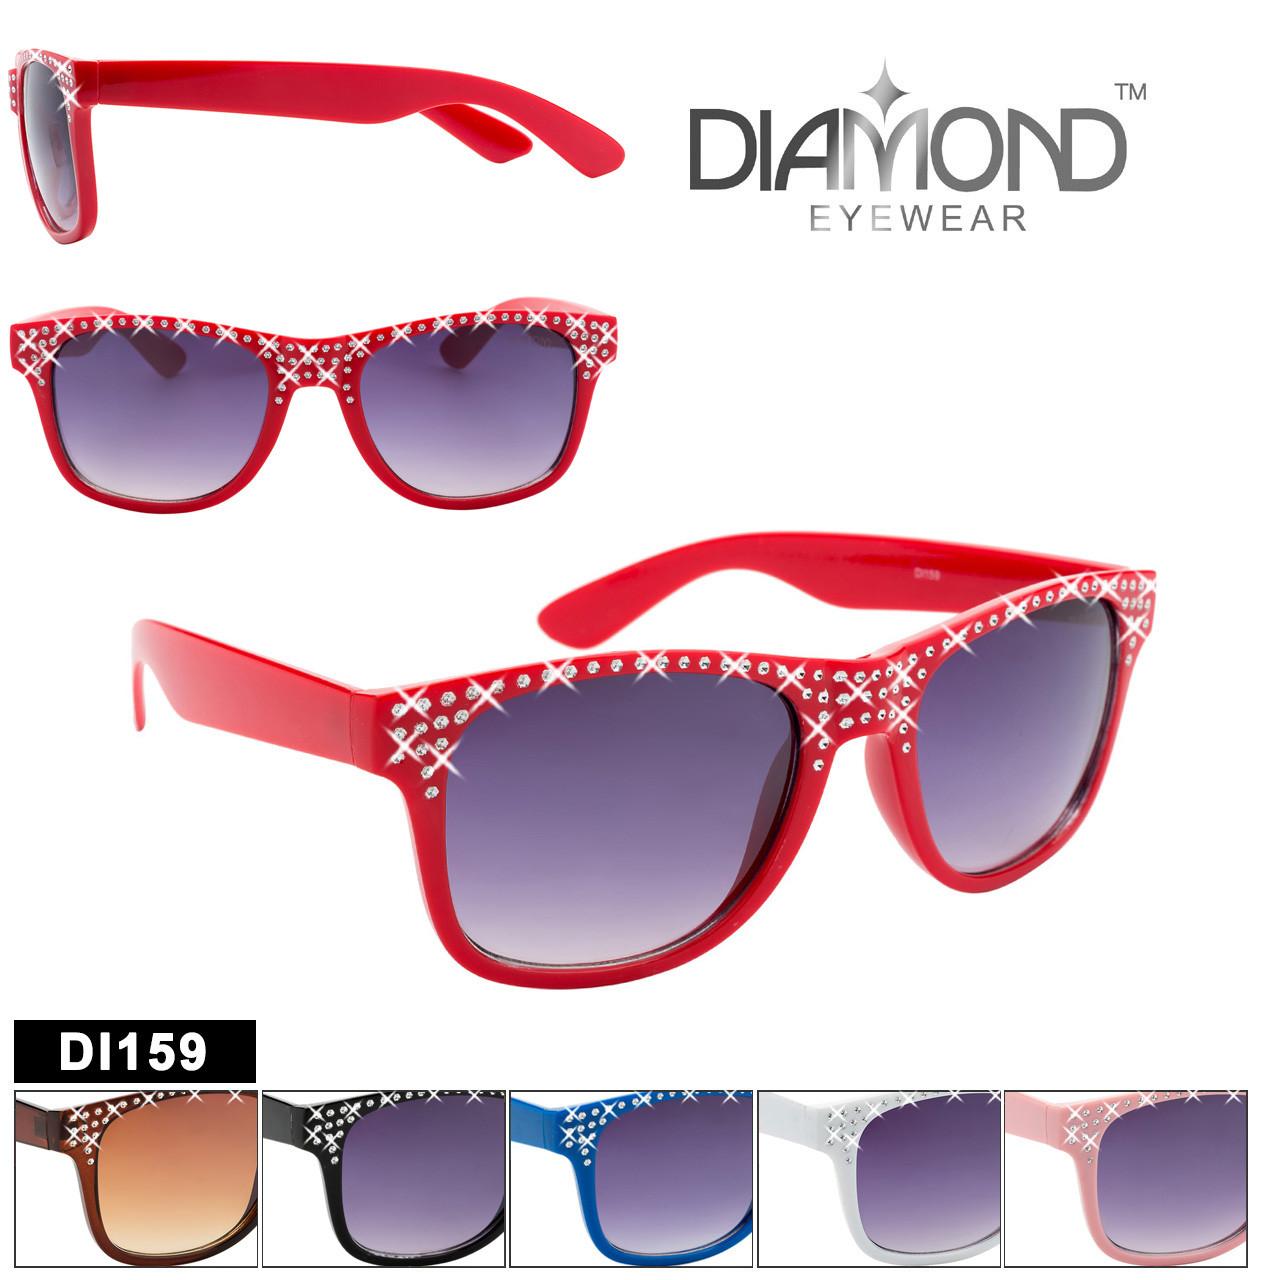 Diamond™ California Classics - Style #DI159